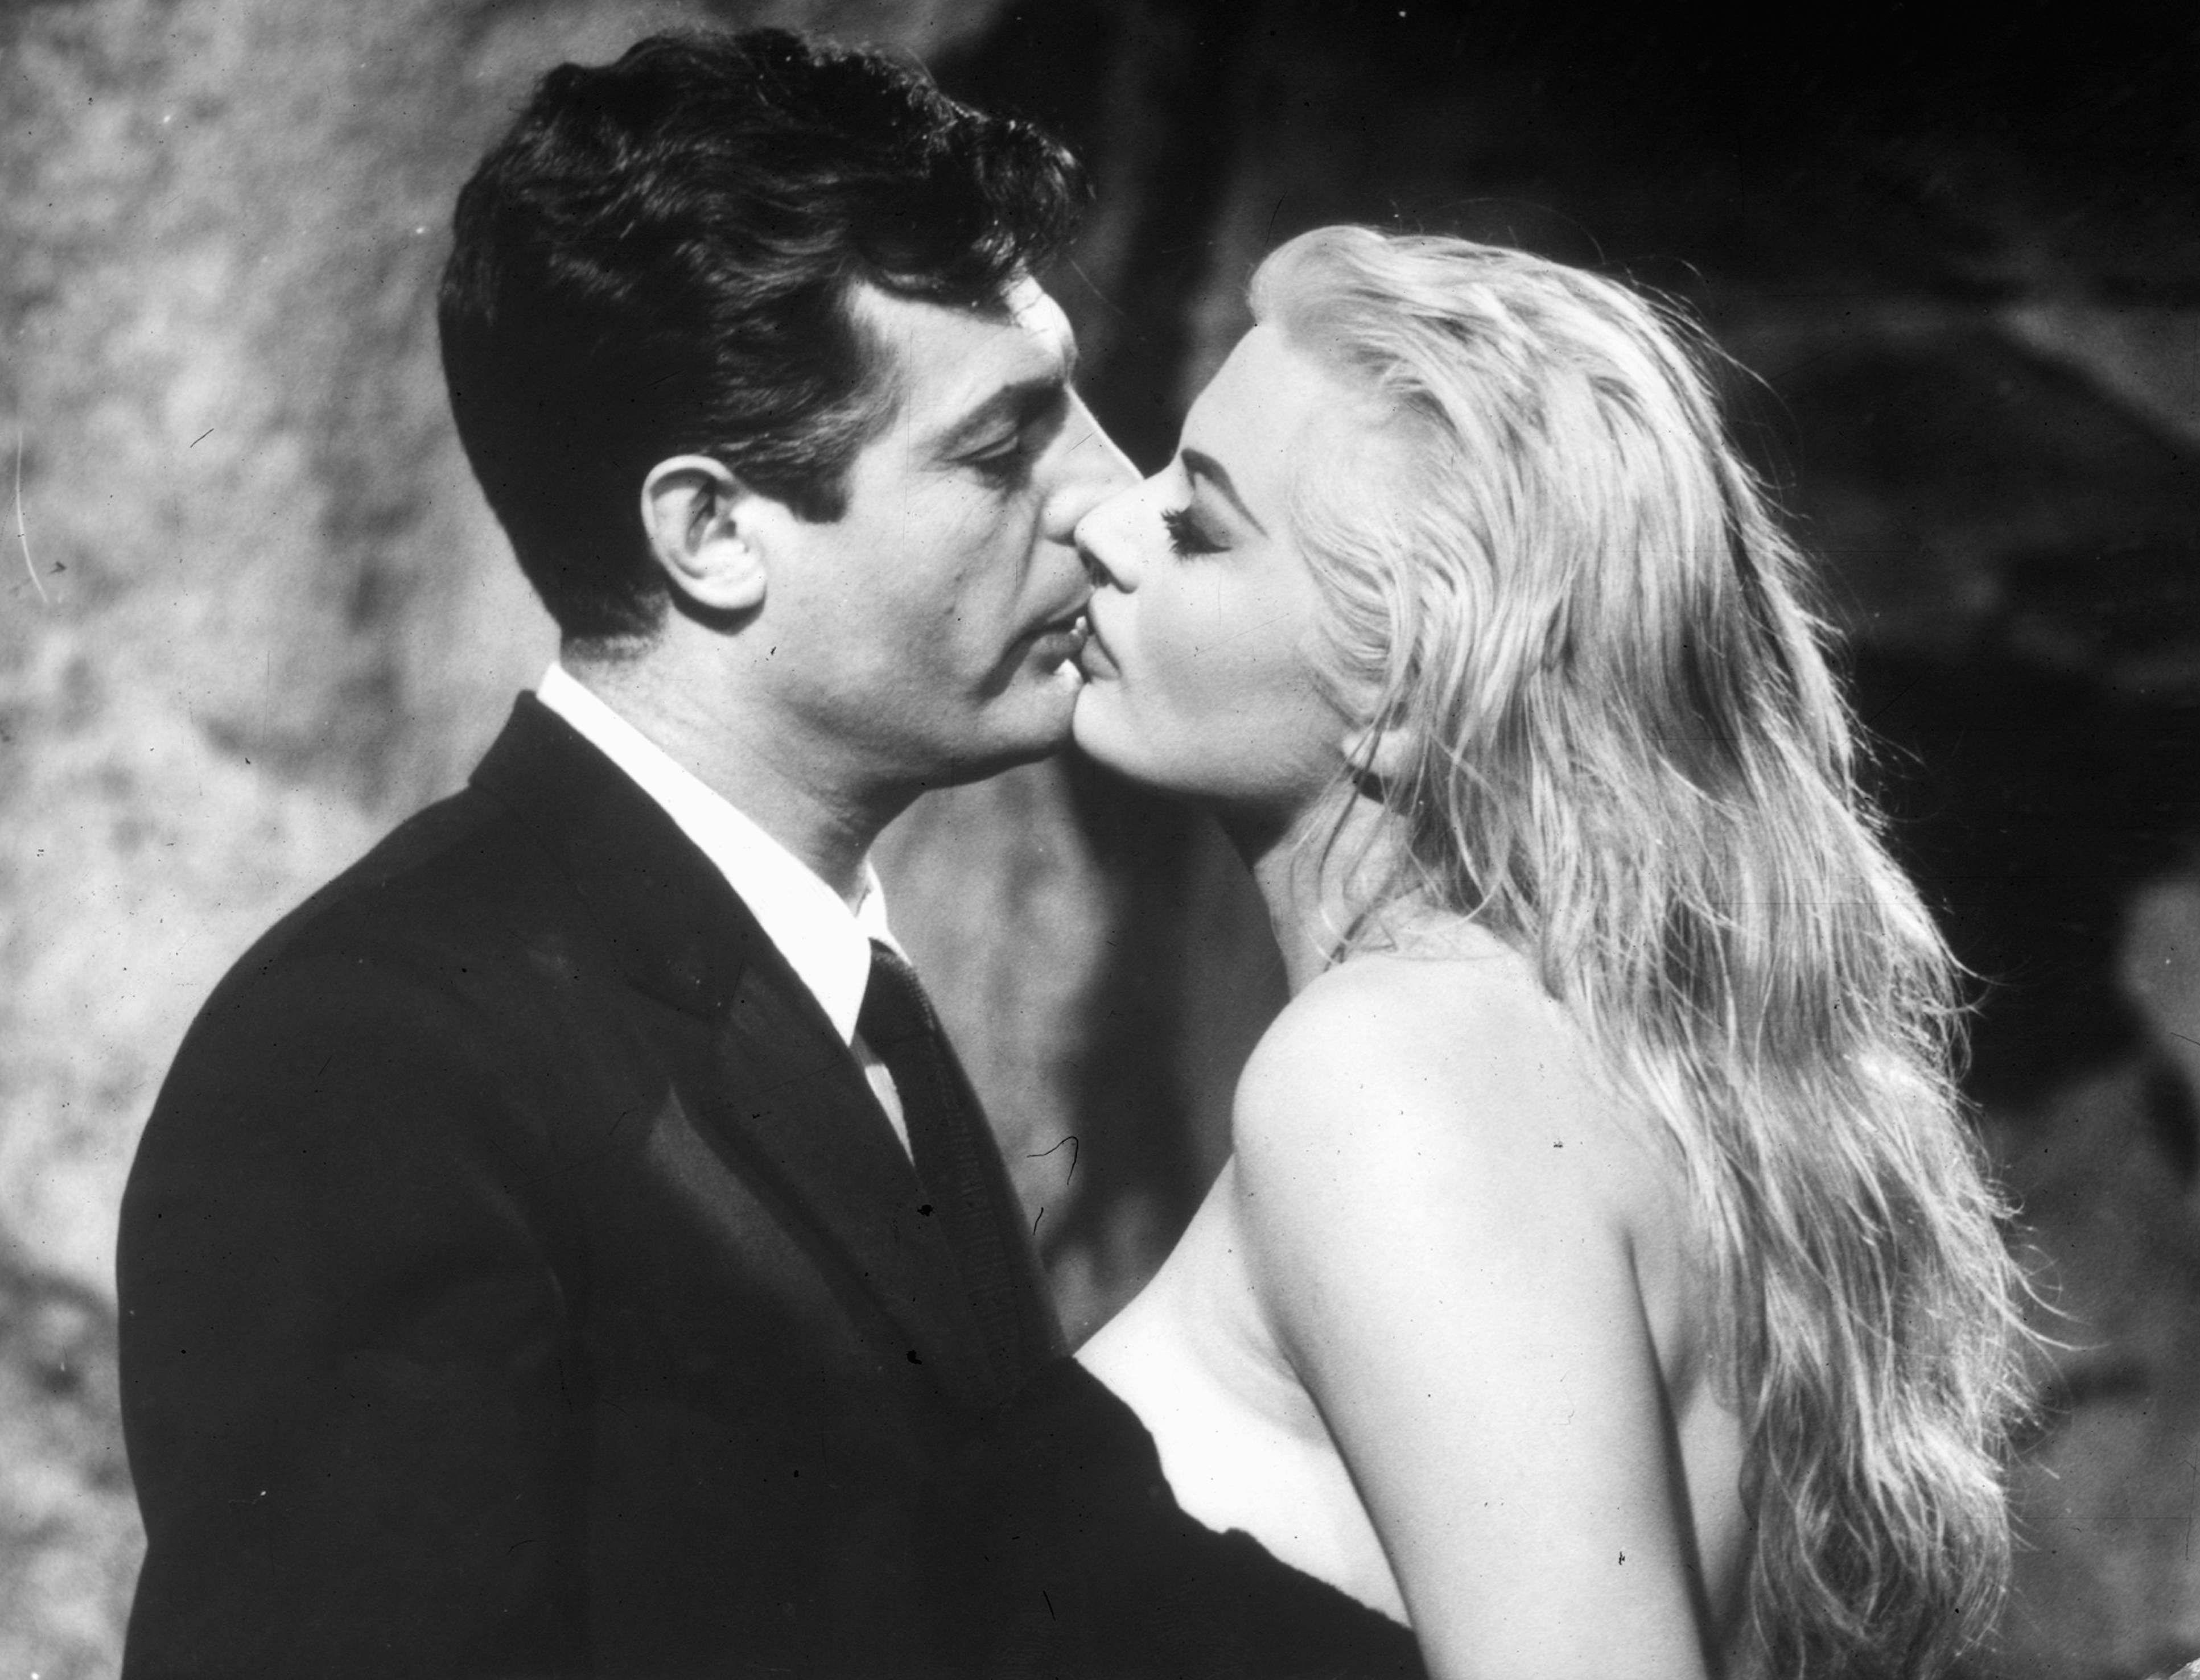 Risultato immagini per bacio LA DOLCE VITA, DI FEDERICO FELLINI, 1960